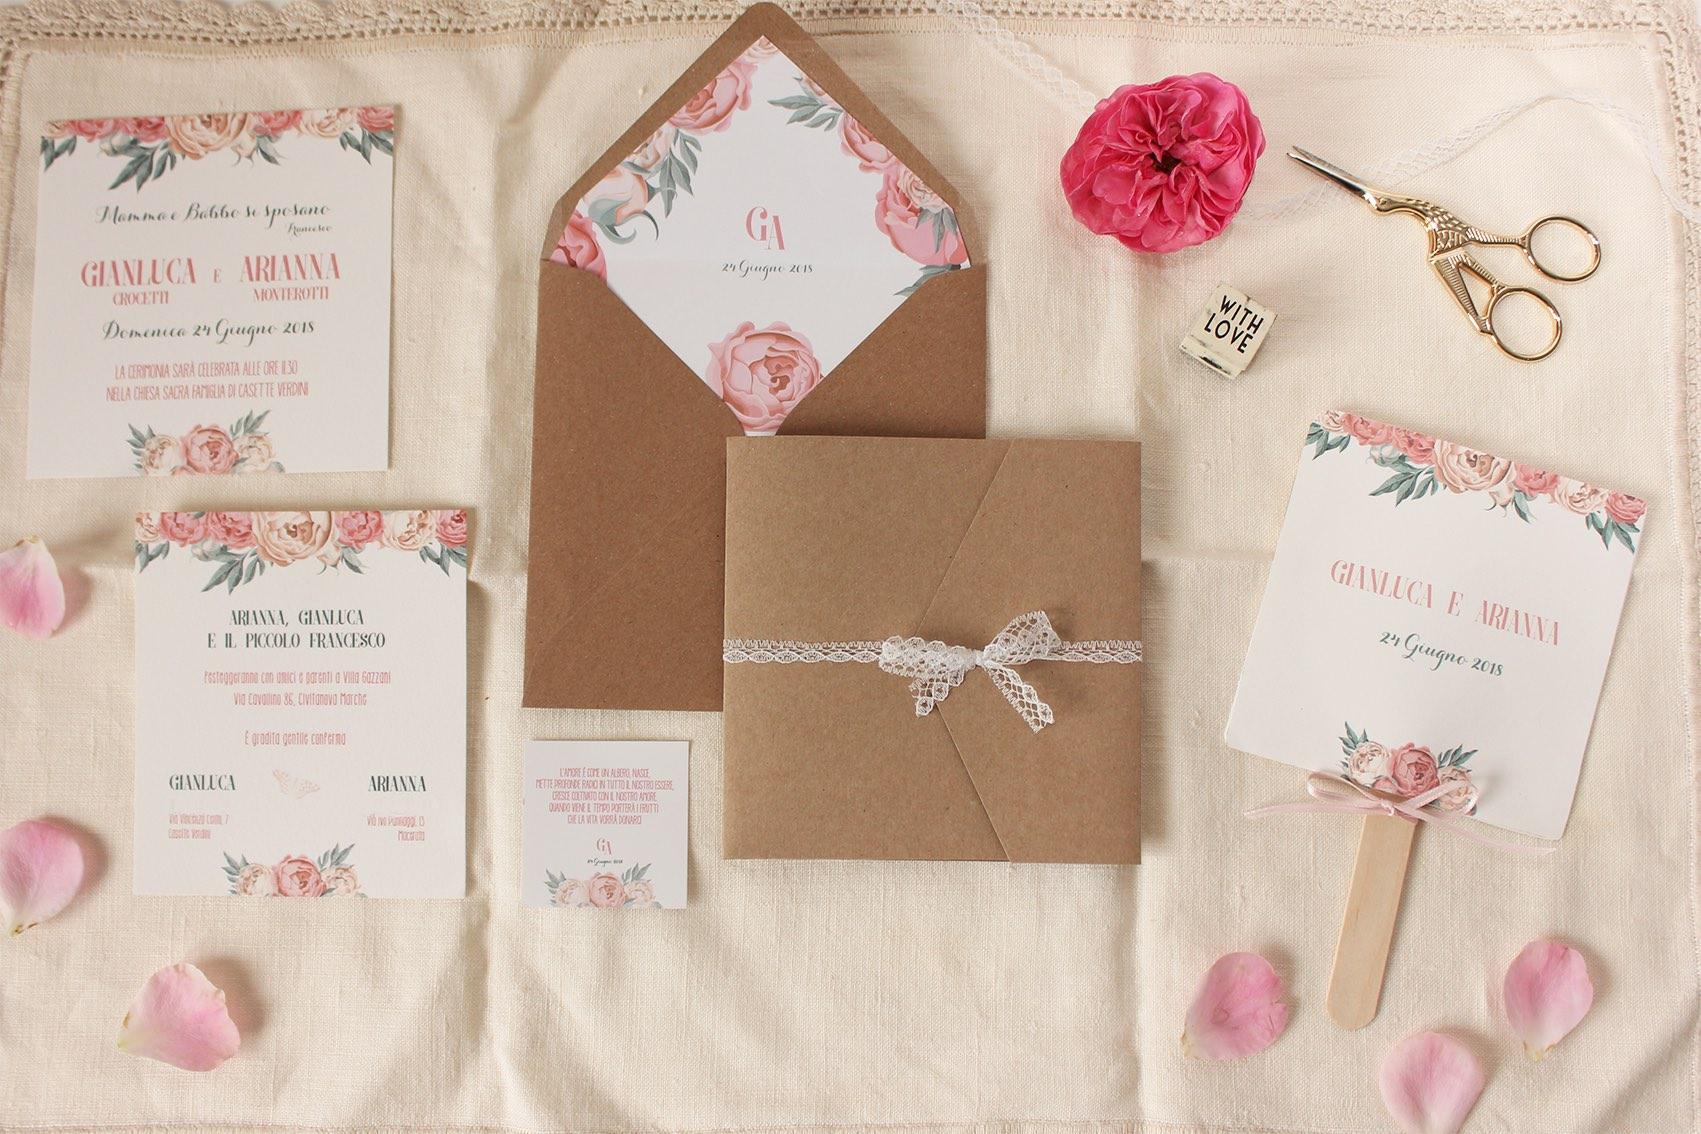 Carta Per Partecipazioni Matrimonio.Una Partecipazione Romantica Con Peonie Rosa E Carta Kraft